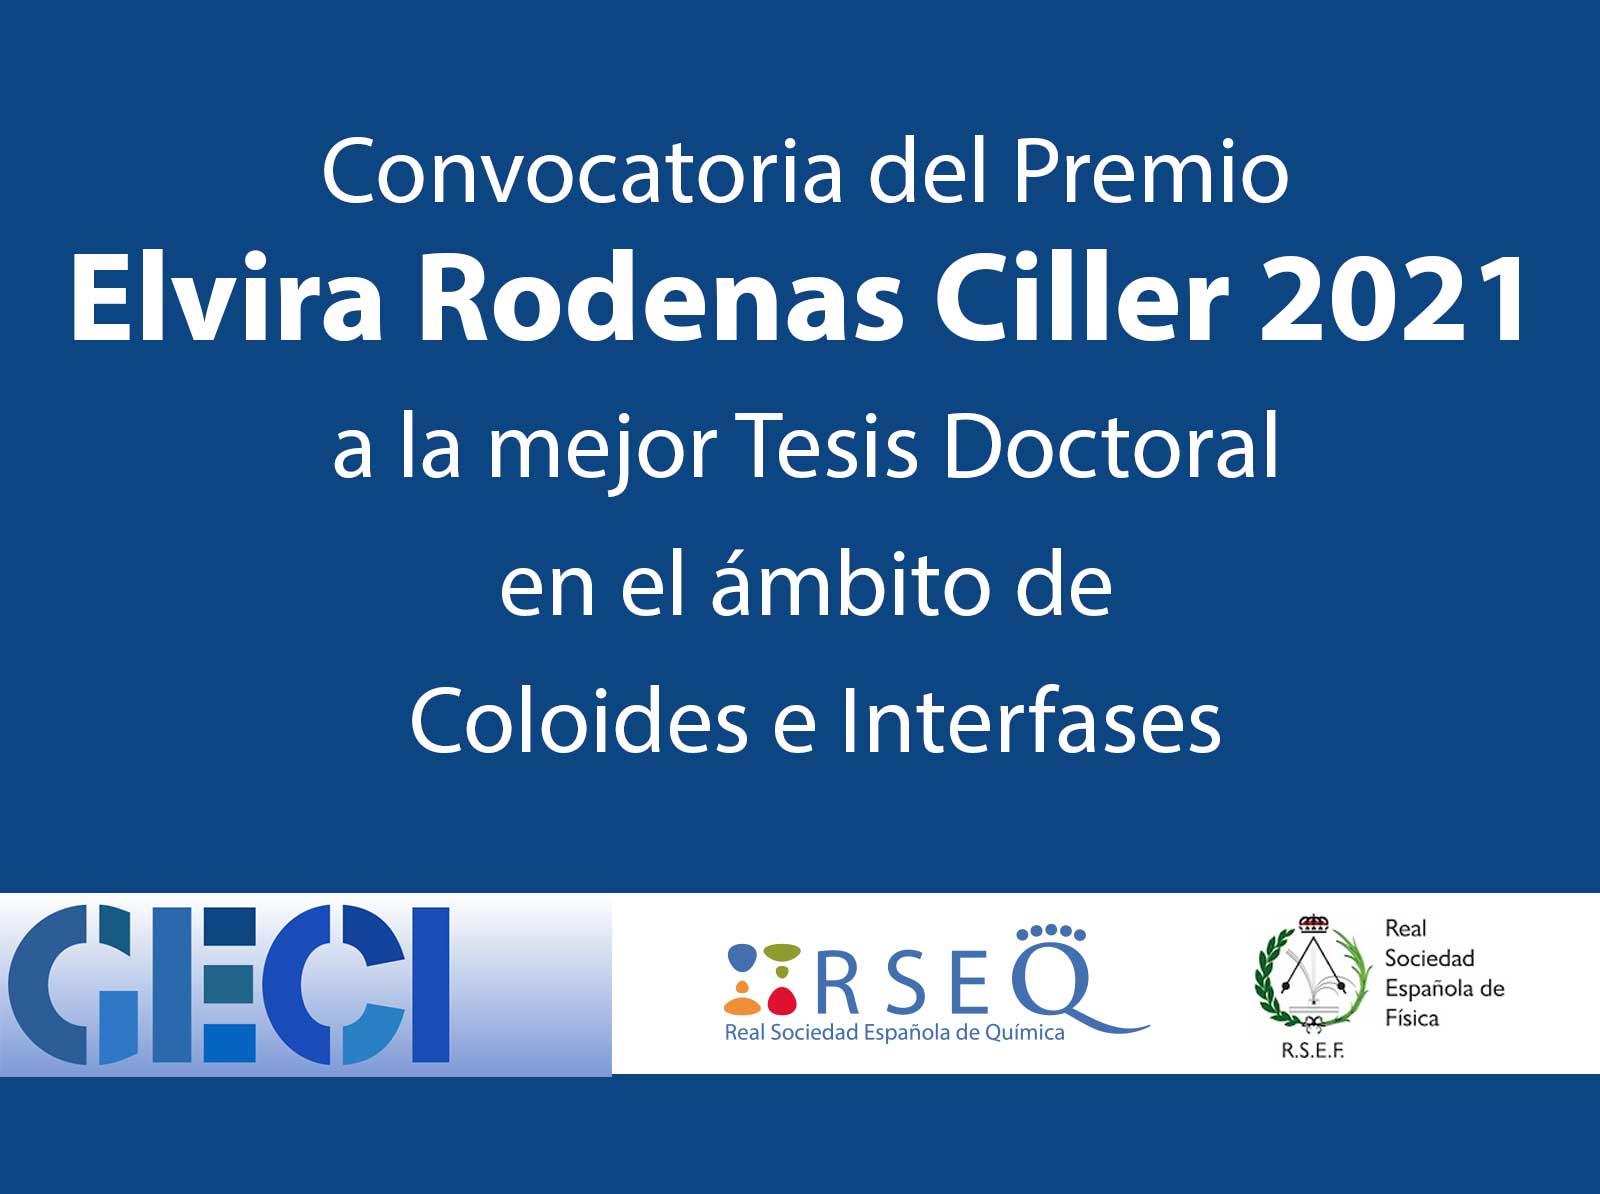 Convocatoria del Premio Elvira Rodenas Ciller 2021